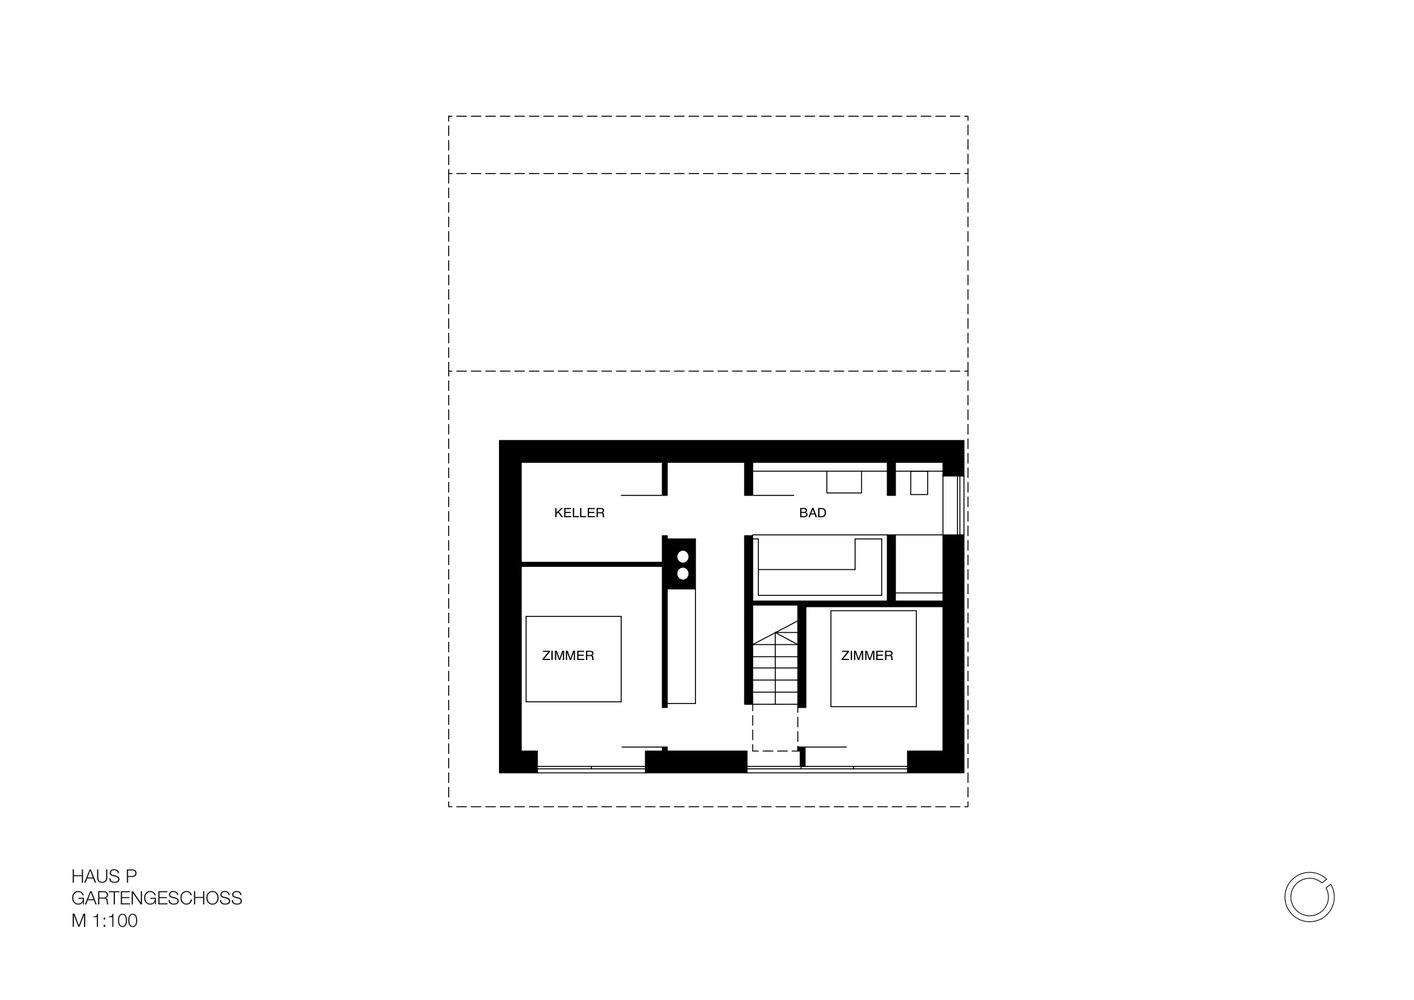 Gallery of house p yonder architektur und design 1 for Architektur und design